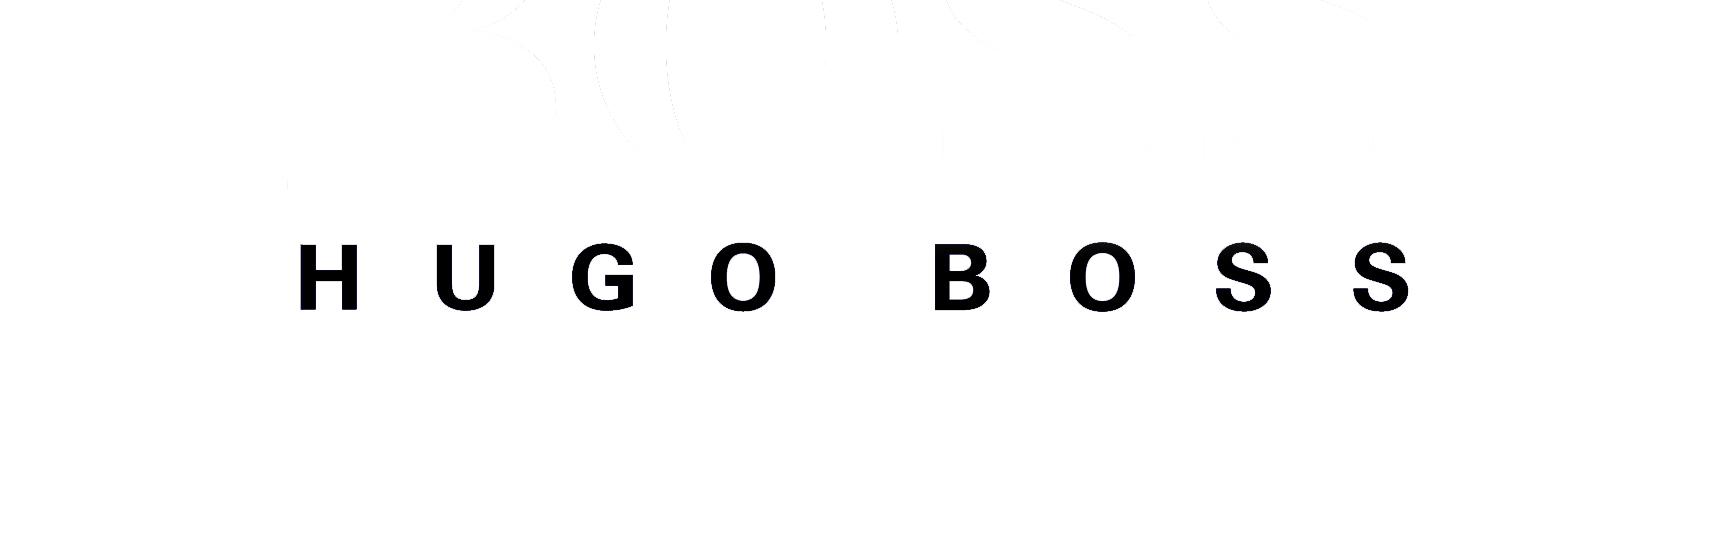 brands like hugo boss